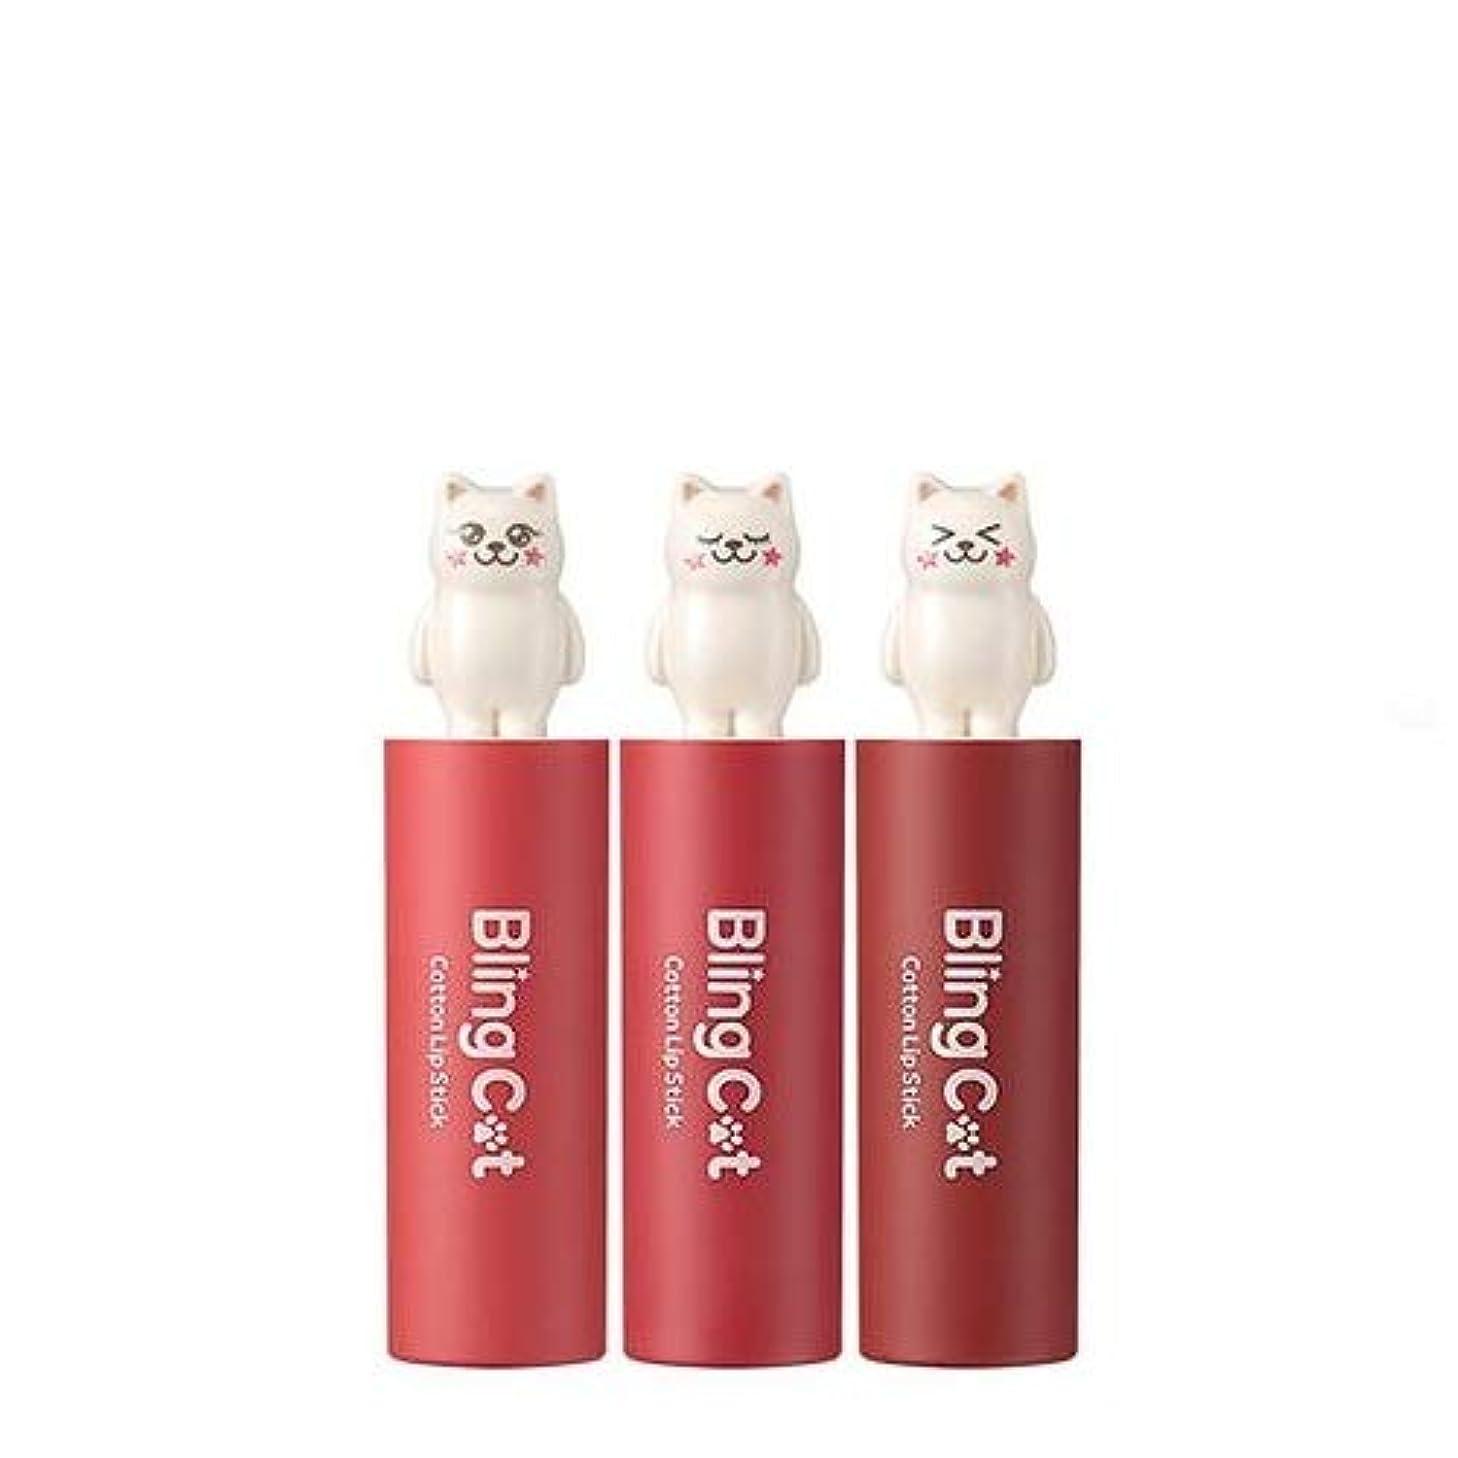 矩形始まり旋回トニーモリー ブリングキャット コットン リップスティック 3.4g / TONYMOLY Bling Cat Cotton Lipstick # 04. Little Coral [並行輸入品]